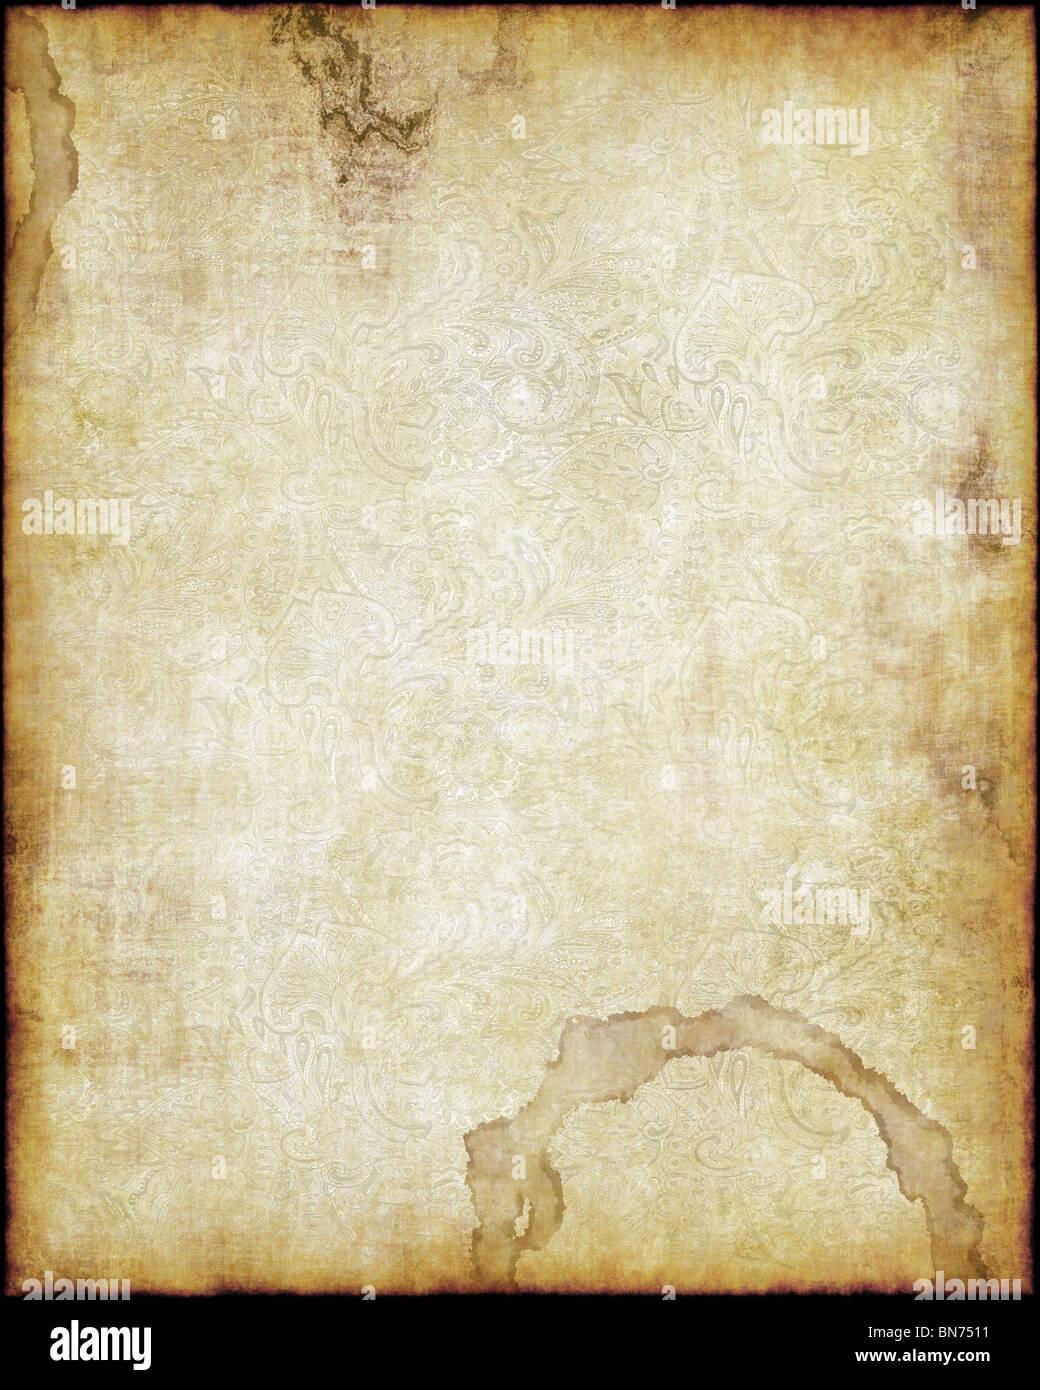 alte abgenutzte Pergament Papier Textur Hintergrundbild Stockbild